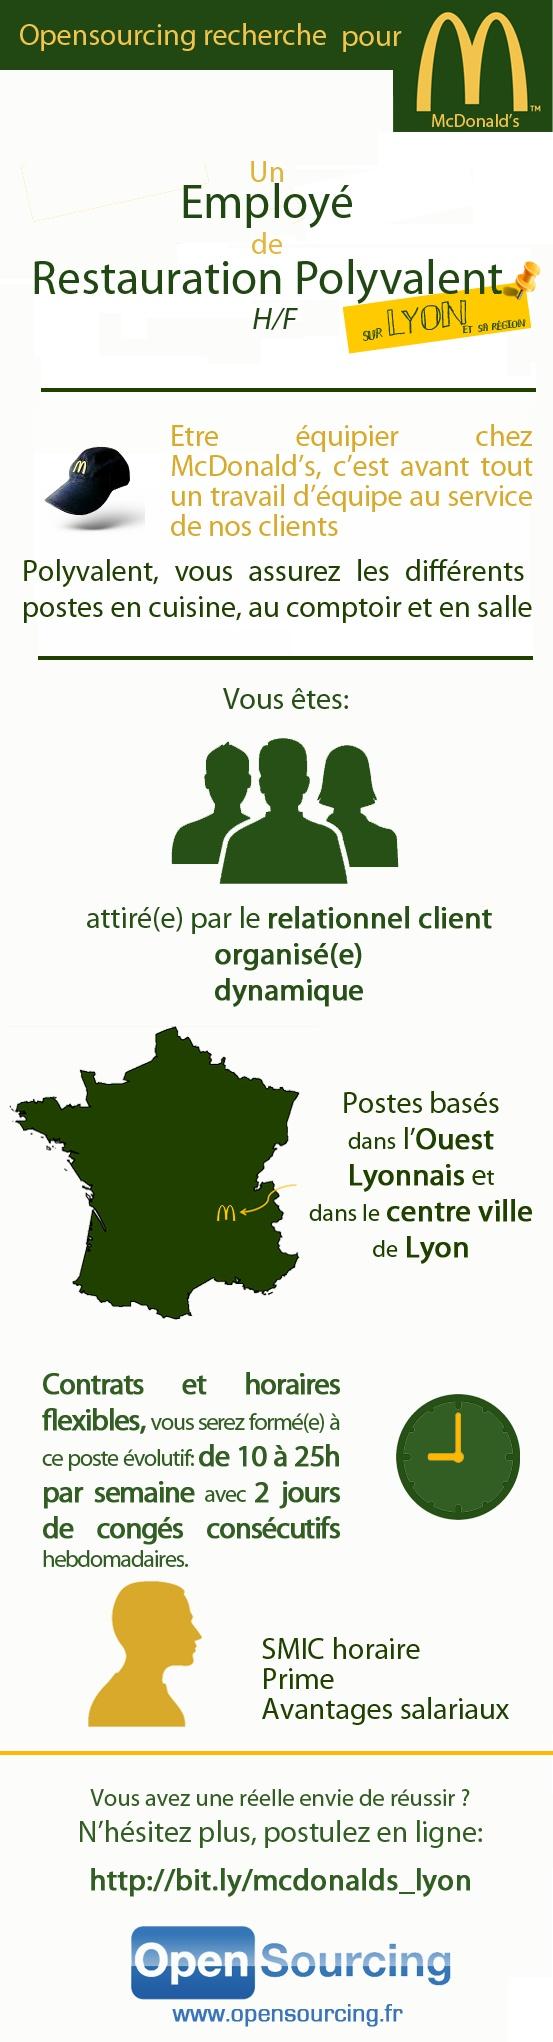 Opensourcing recherche des employés de restauration polyvalents sur Lyon et sa région. Postulez en ligne dès maintenant: http://www.scoring360.com/index.php/index/details/22045307ab89f4229859a7f1b076735514